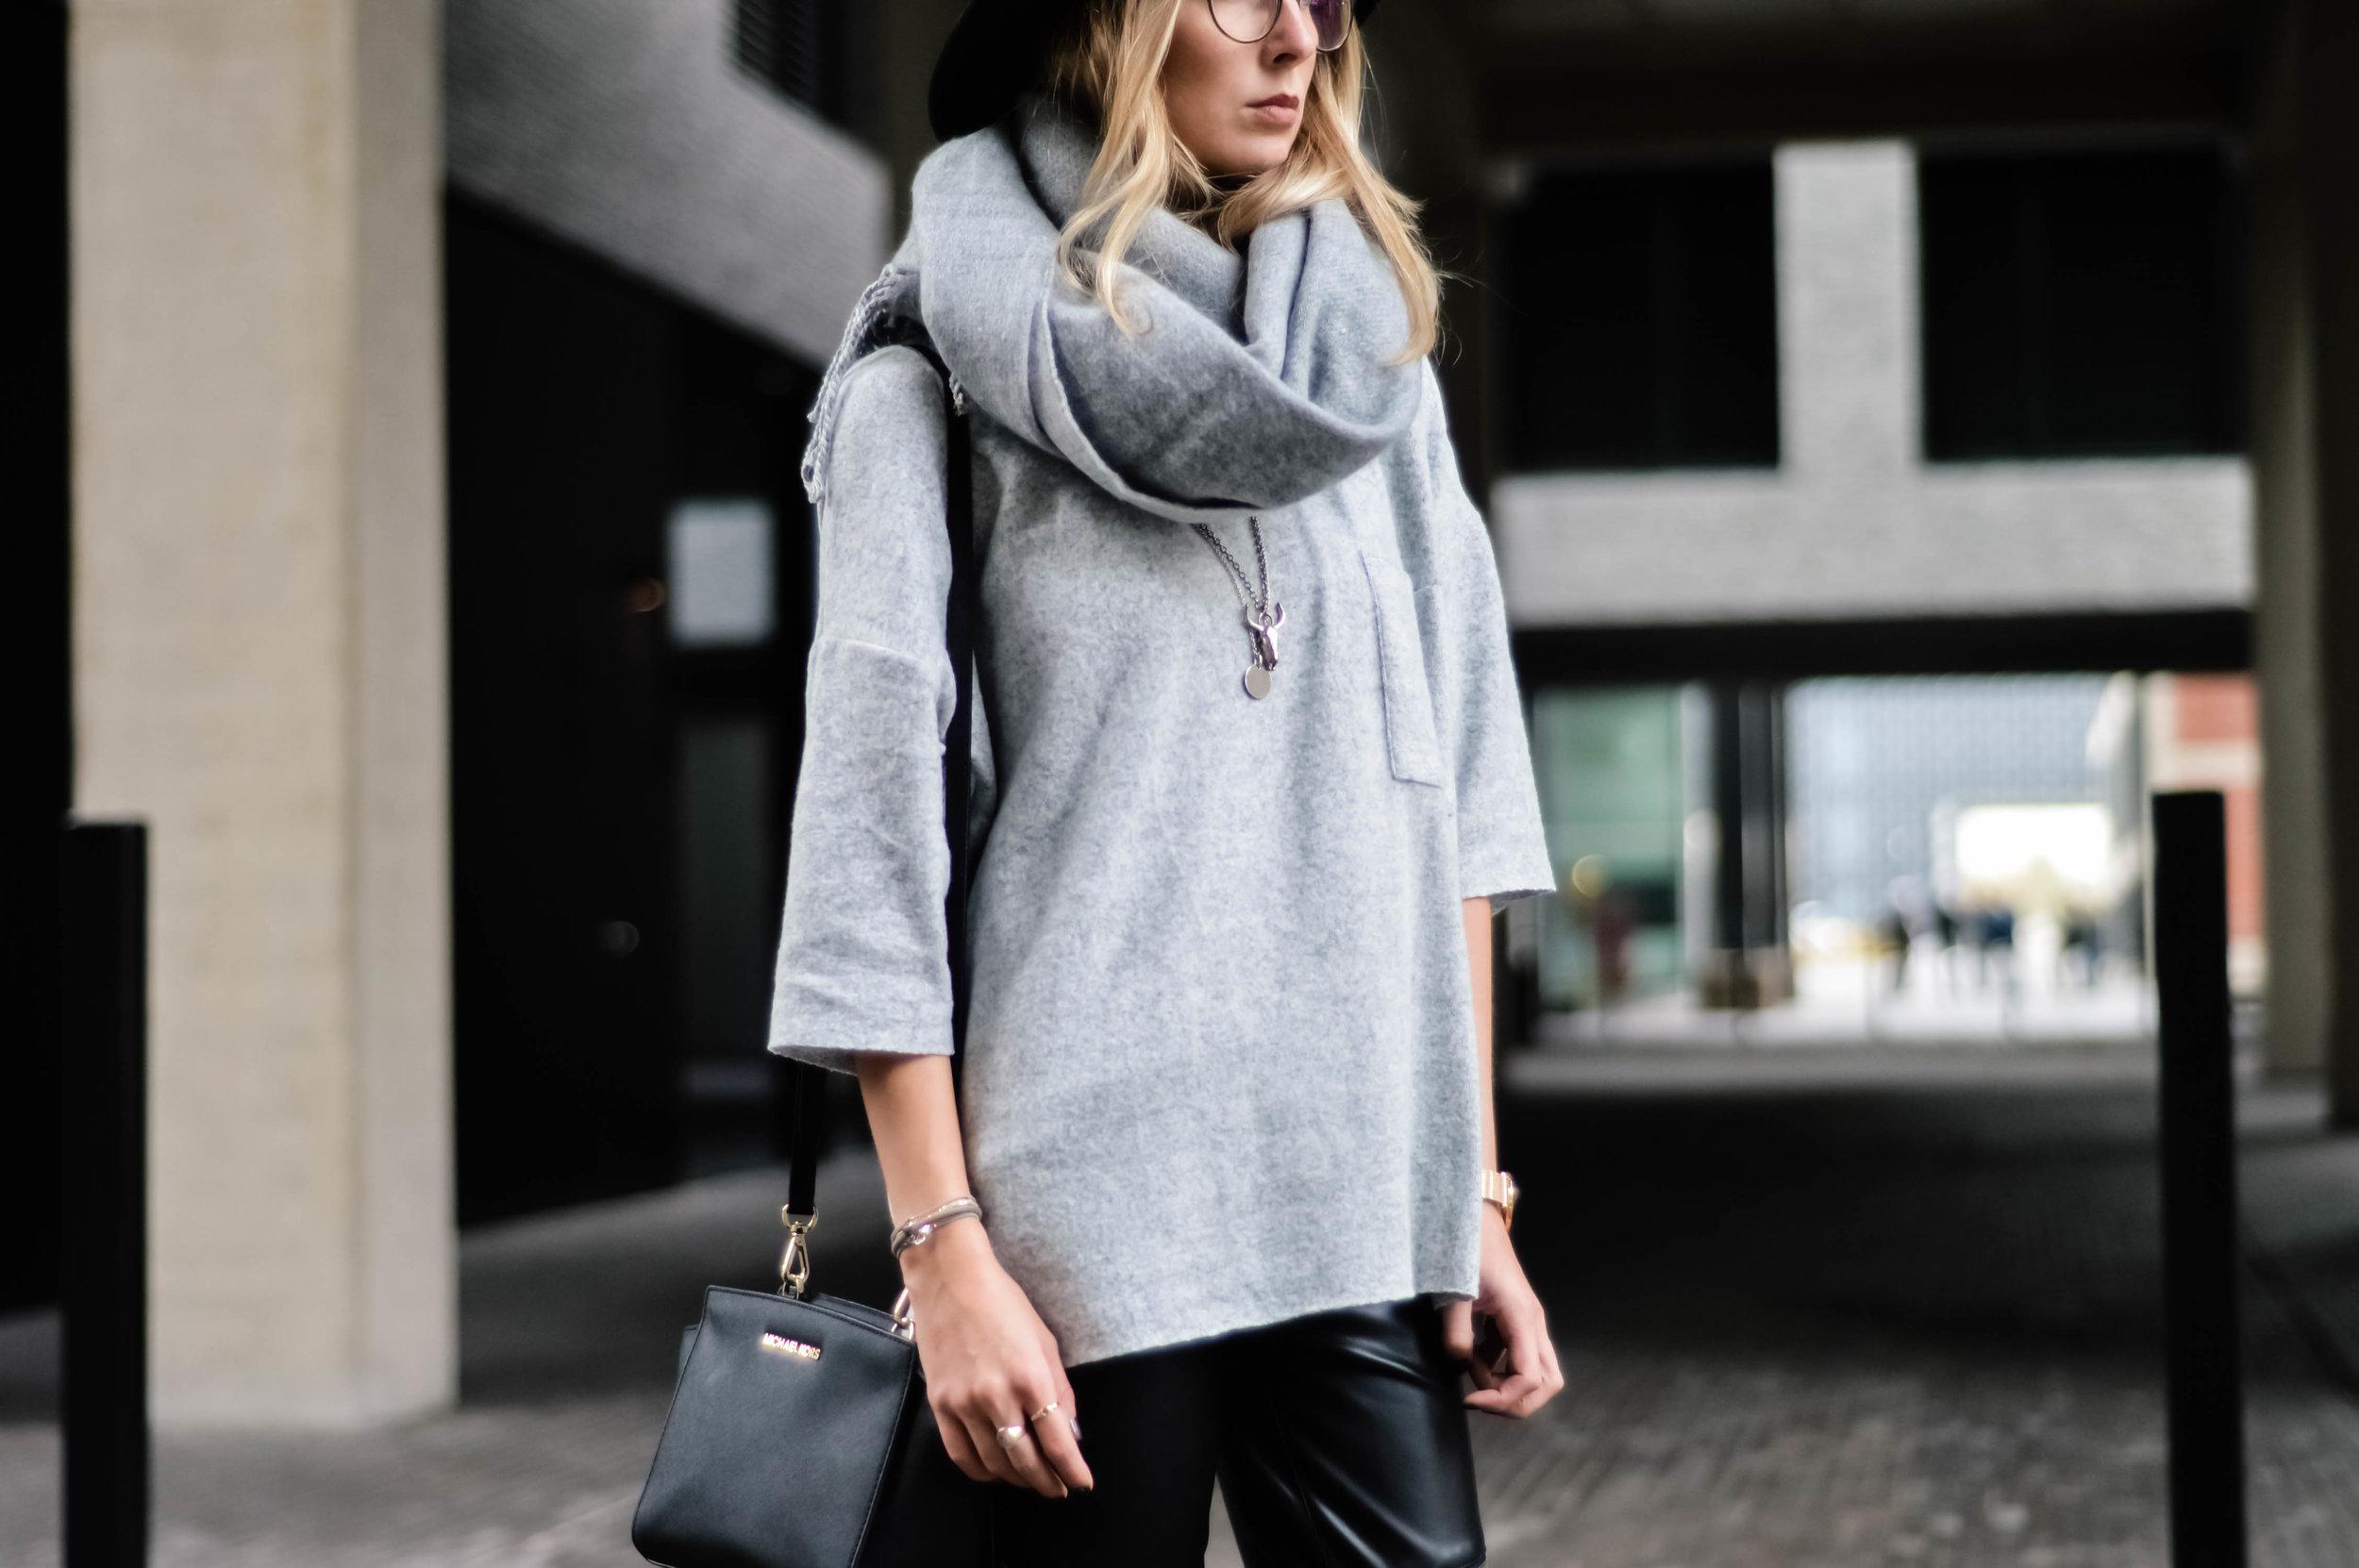 Weekend Style - OSIARAH.COM (6 of 12).jpg